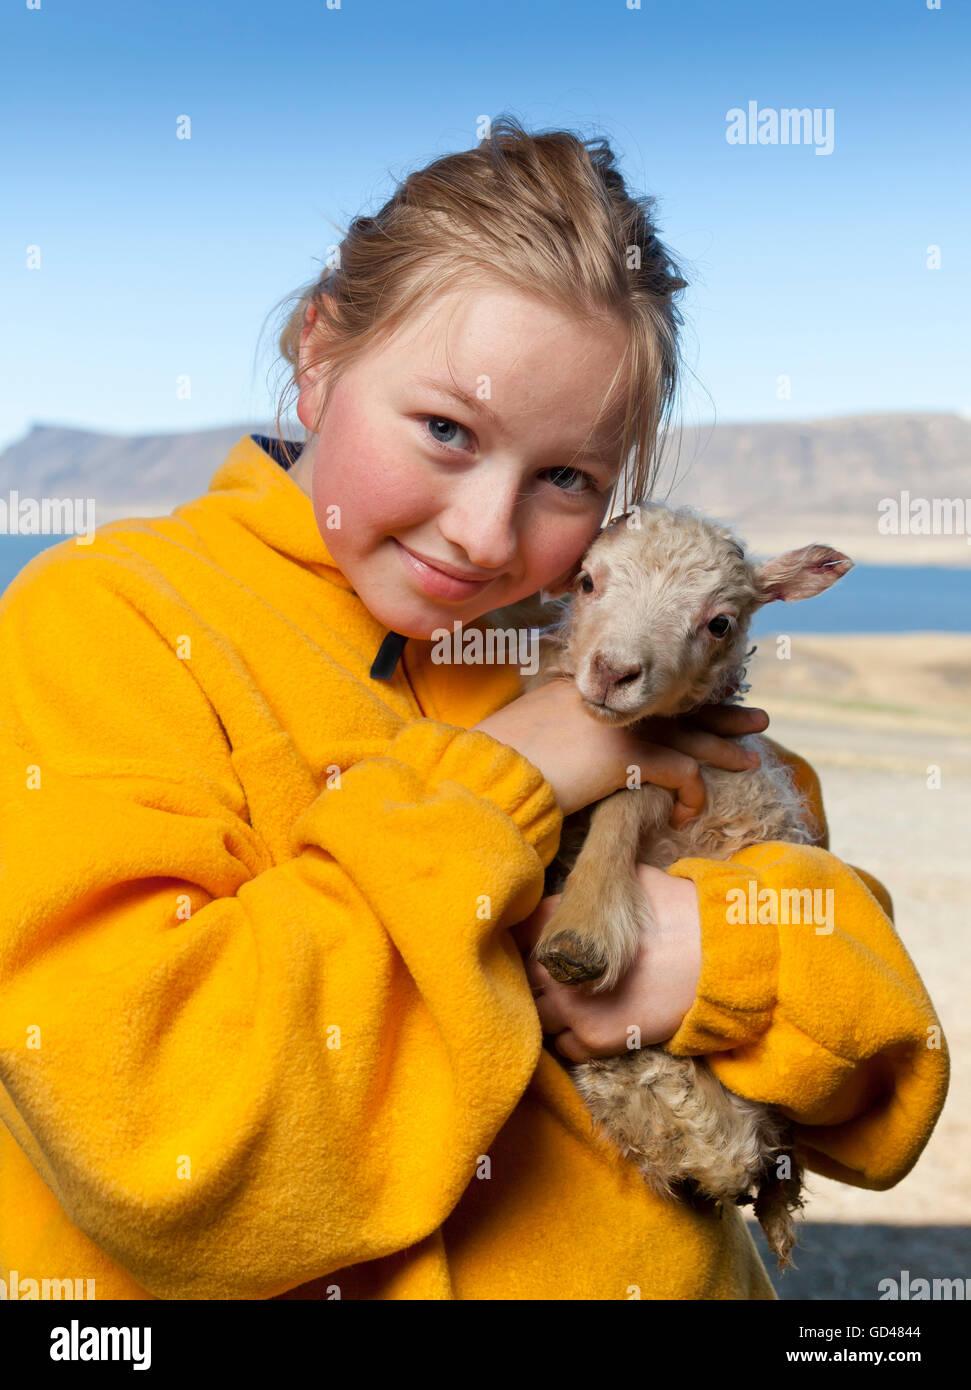 Ragazza con un neonato di agnello, Islanda Immagini Stock